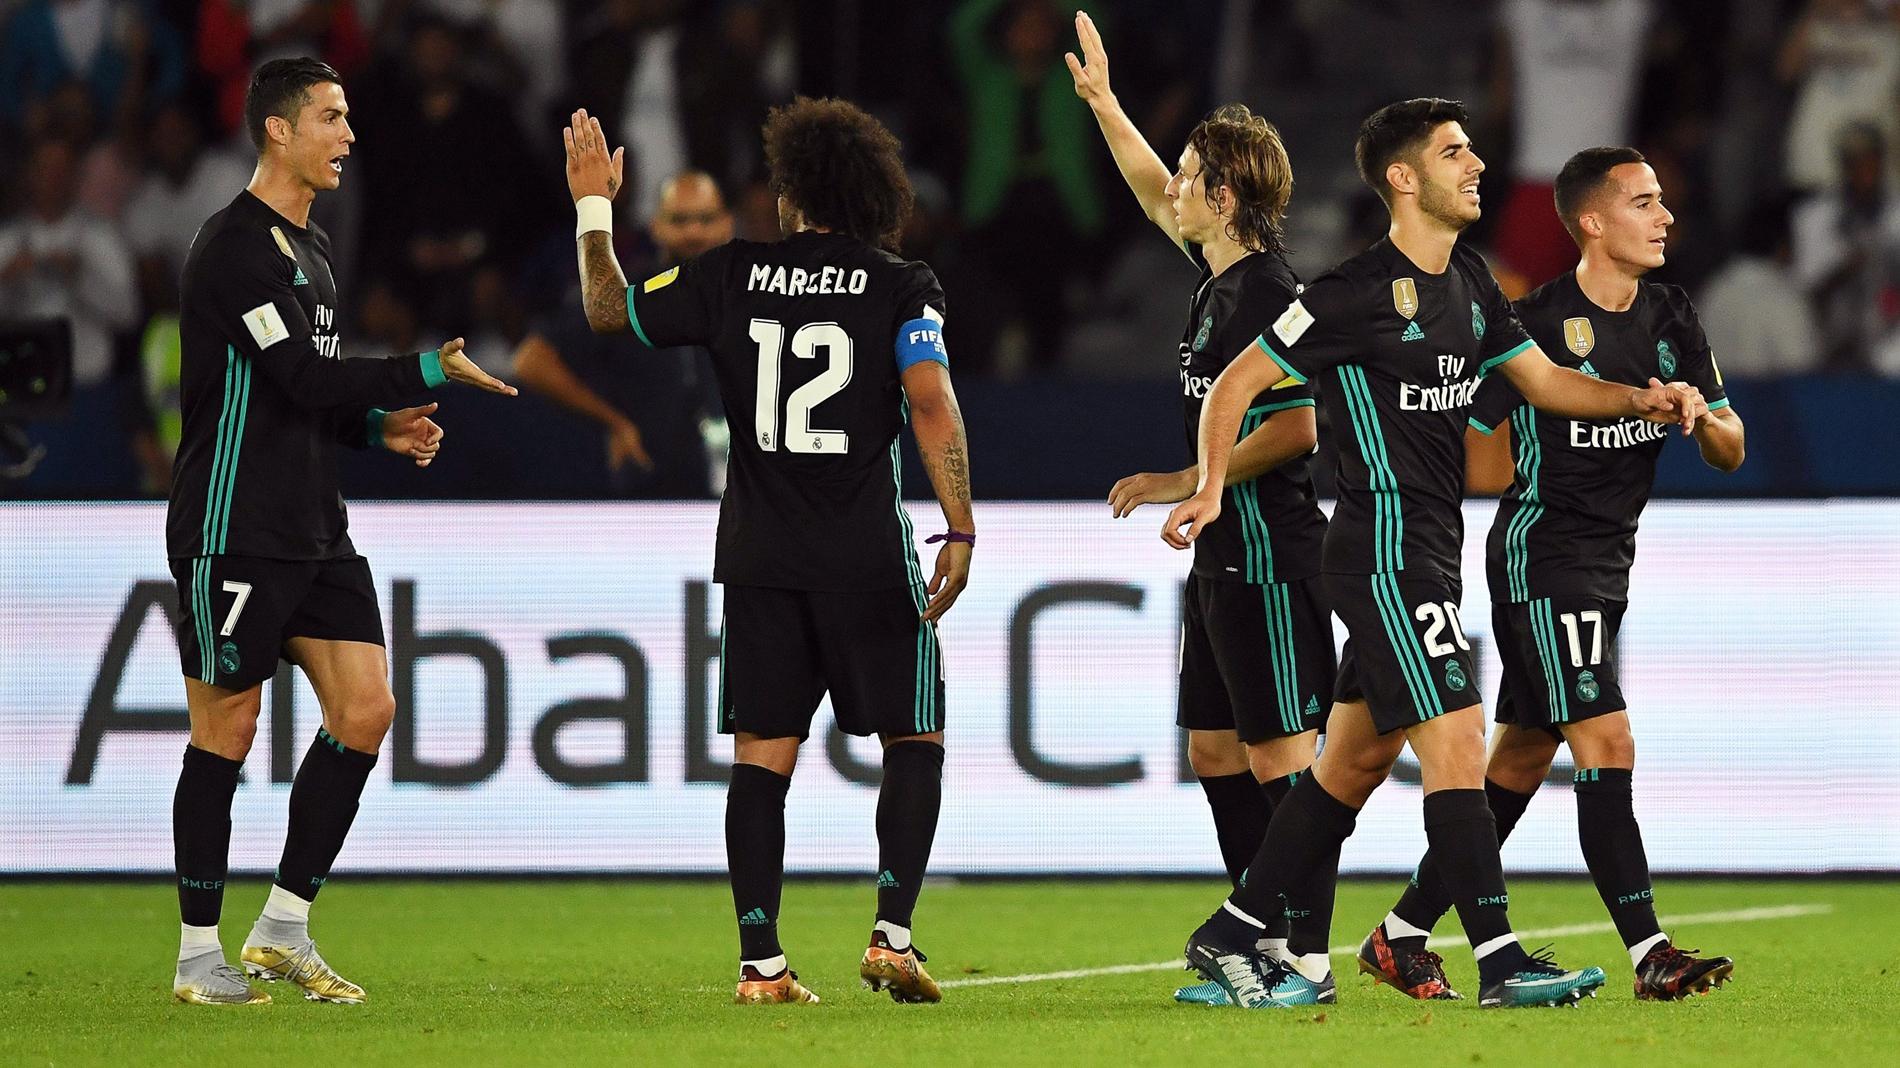 Mundialito 2017 | El Madrid pasa a la final con sufrimiento